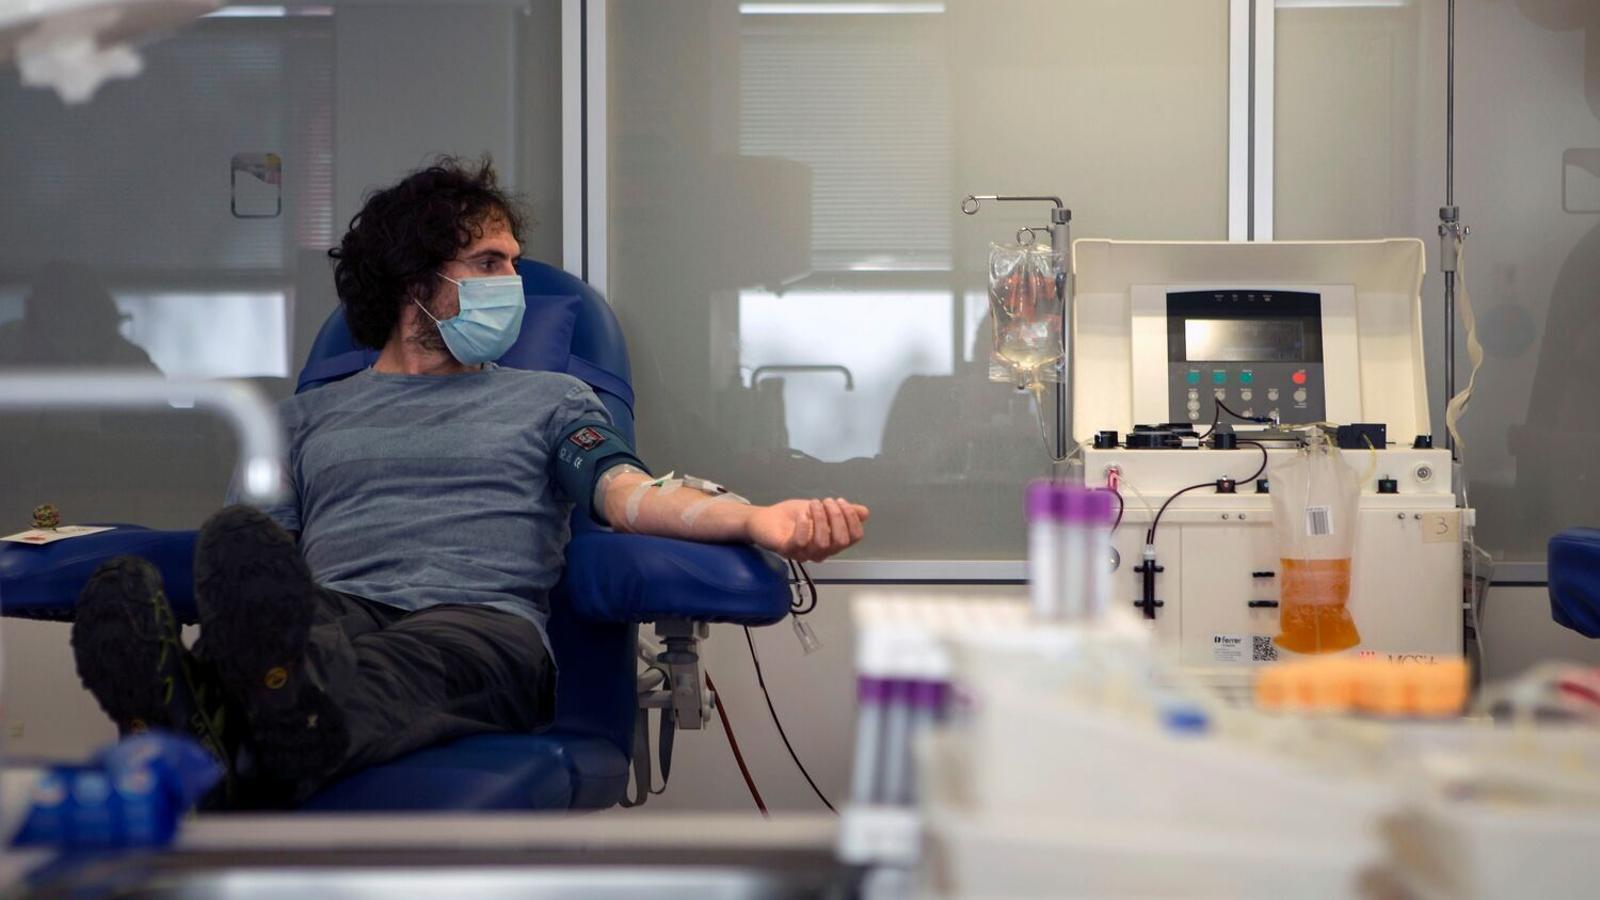 Un pacient recuperat de covid-19 sotmetent-se a una extracció de plasma convalescent a l'Hospital de la Vall d'Hebron per a l'estudi de Grifols / Enric Fontcuberta / EFE